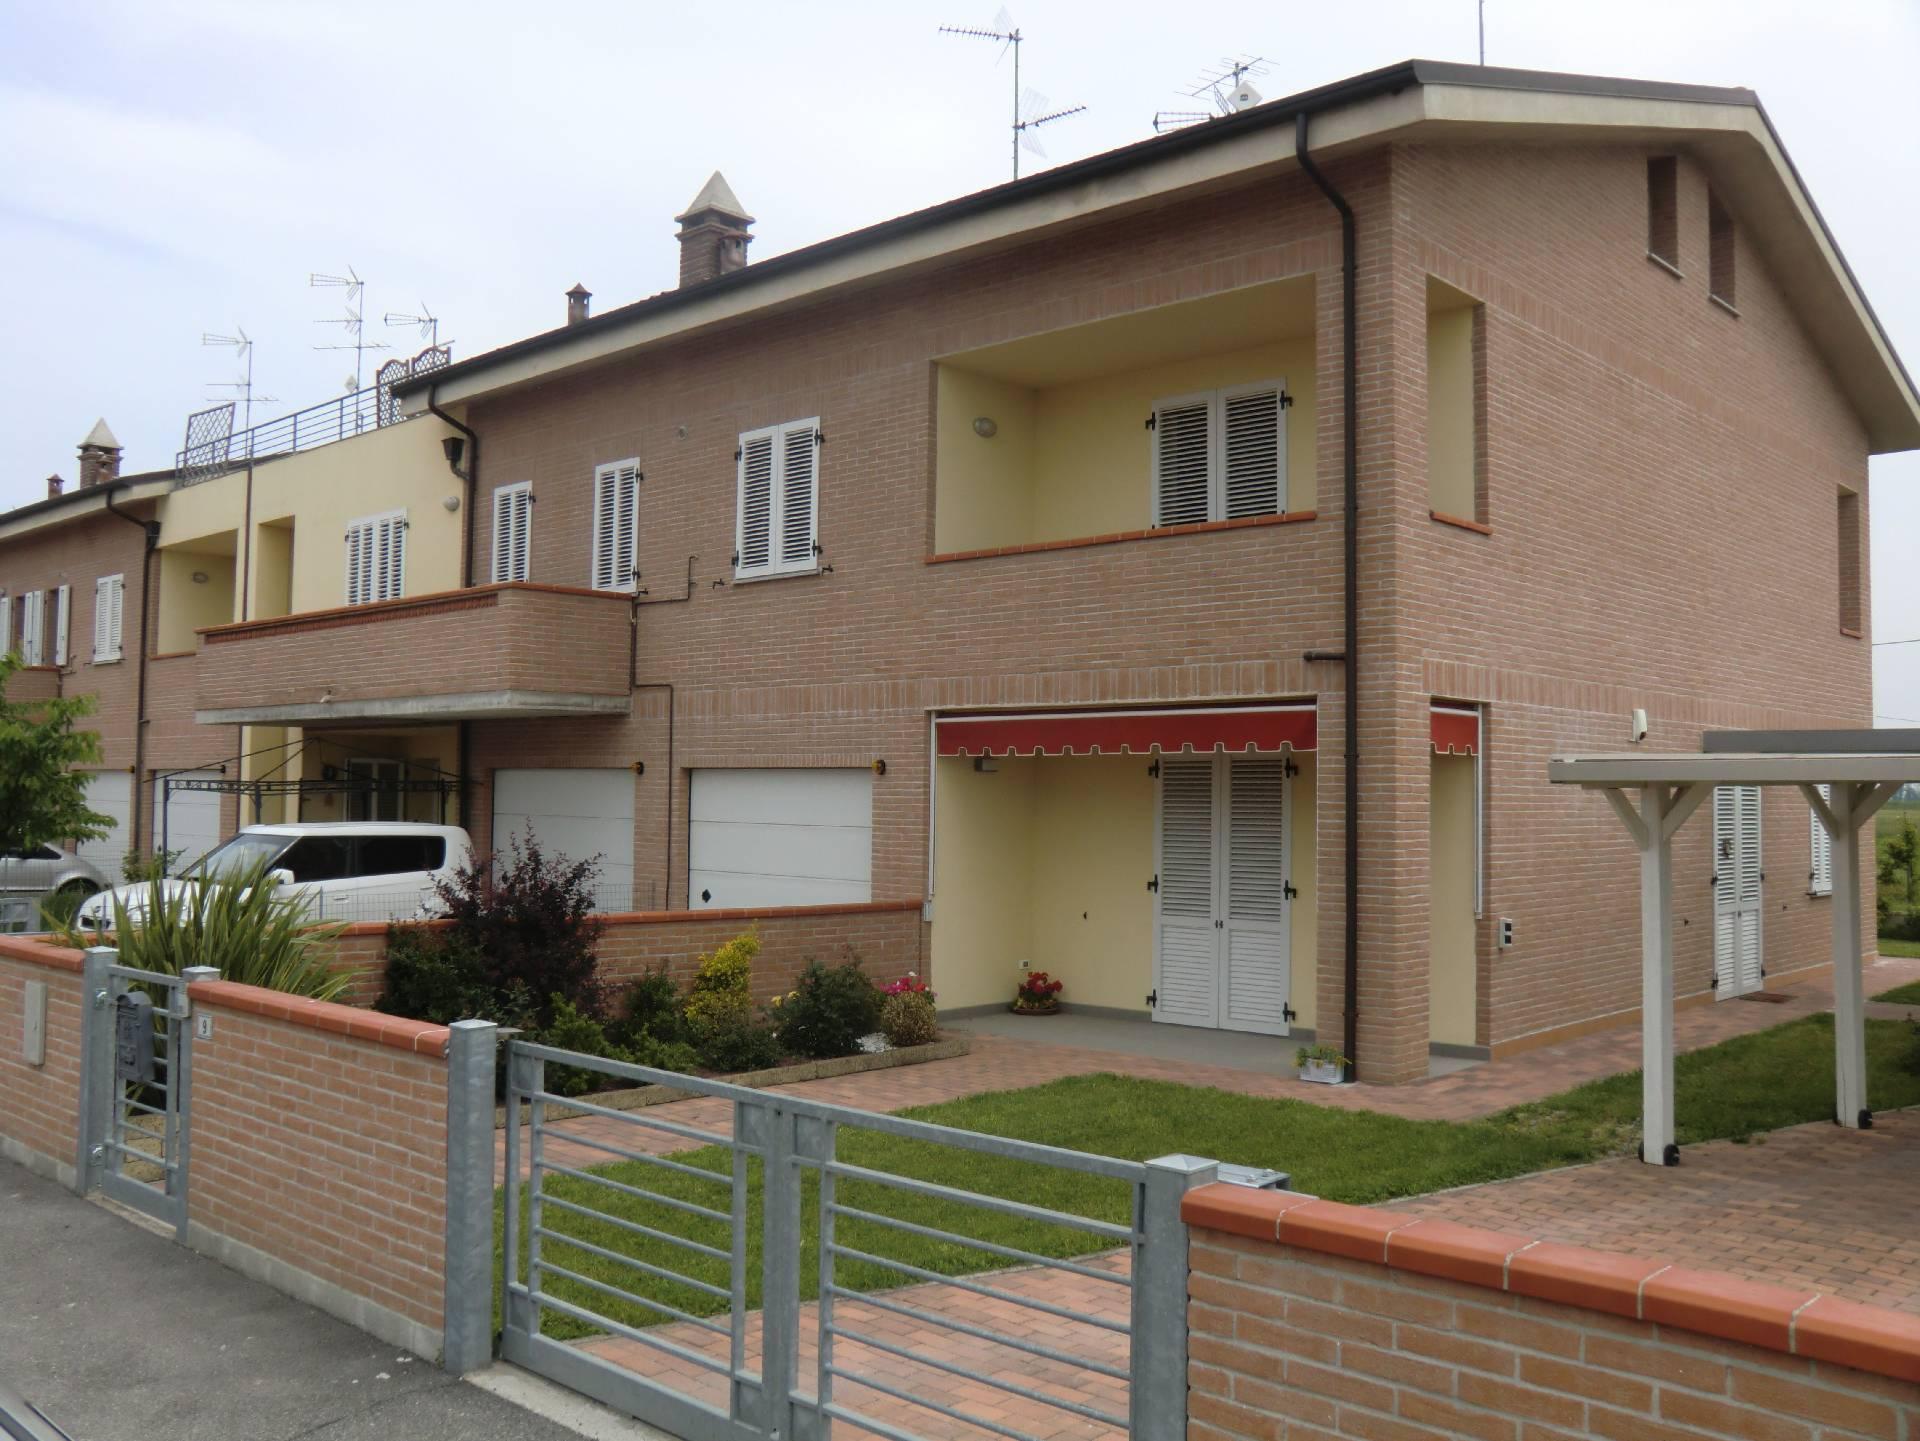 Appartamento in affitto a Poggio Renatico, 2 locali, zona Località: MadonnaBoschi, prezzo € 590 | Cambio Casa.it